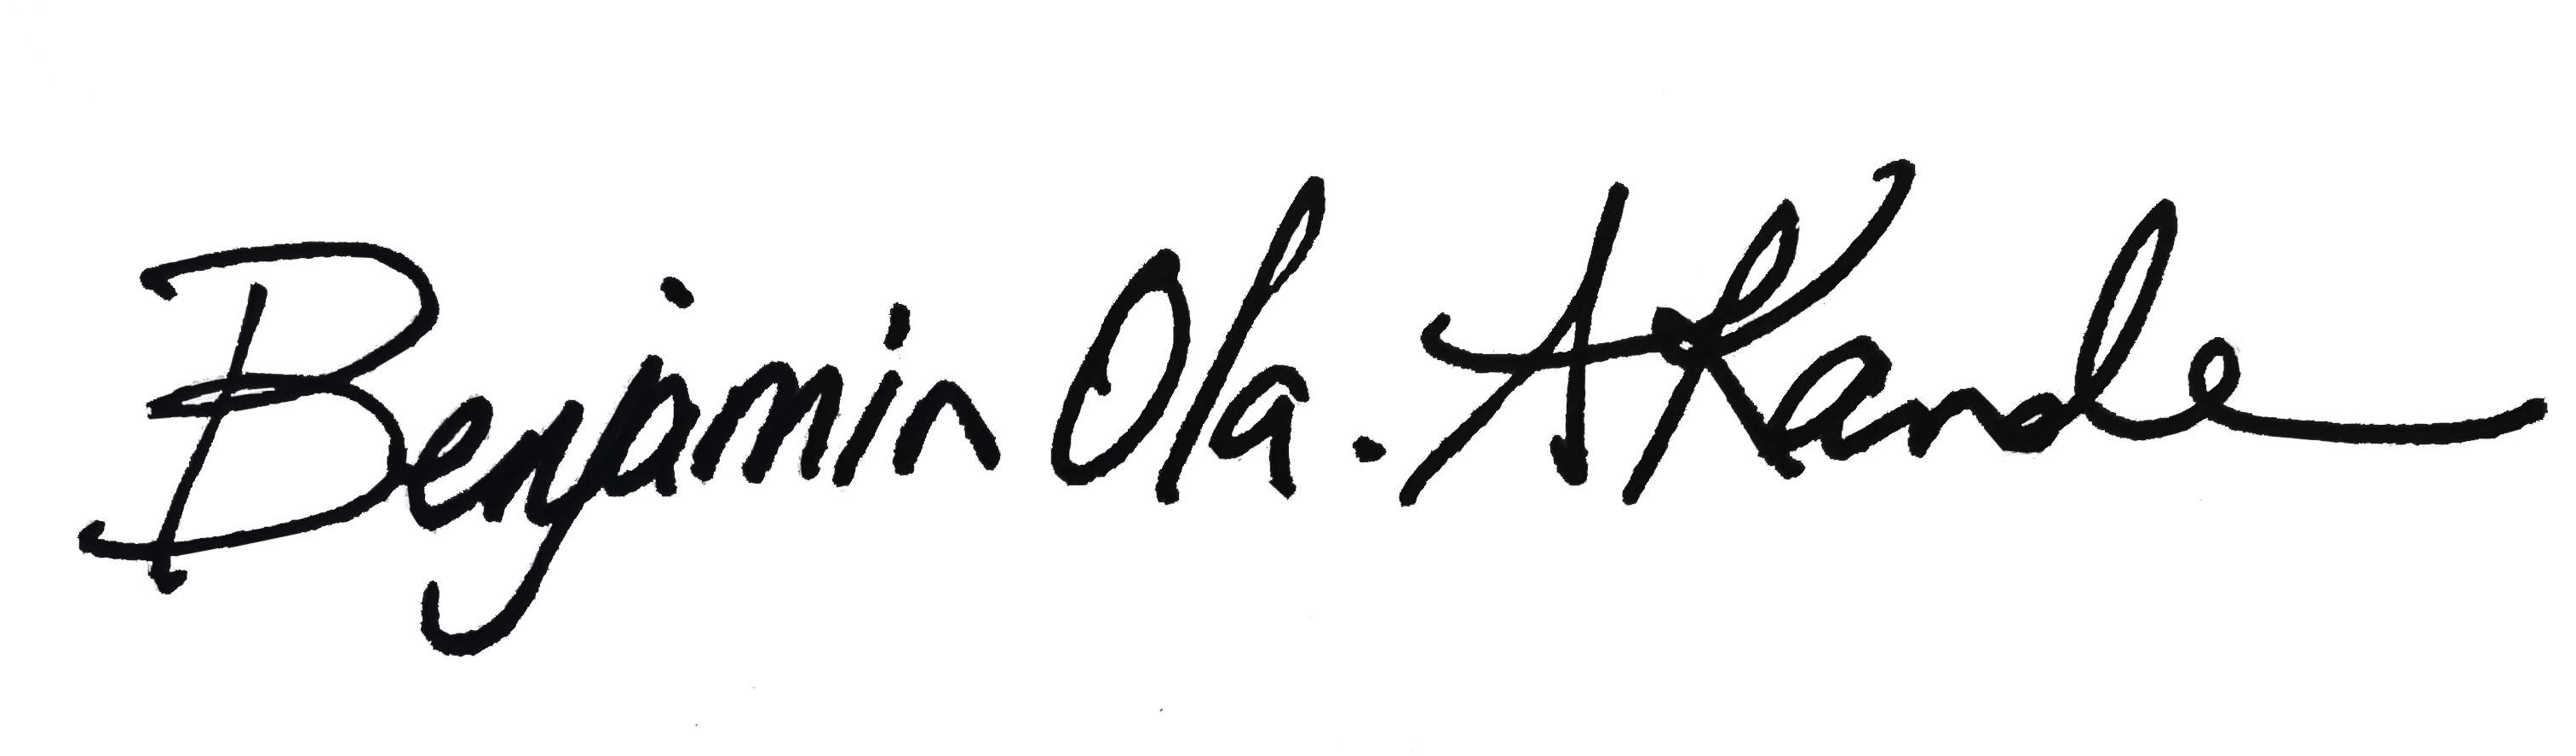 signature: Benjamin Ola. Akande, Ph.D.